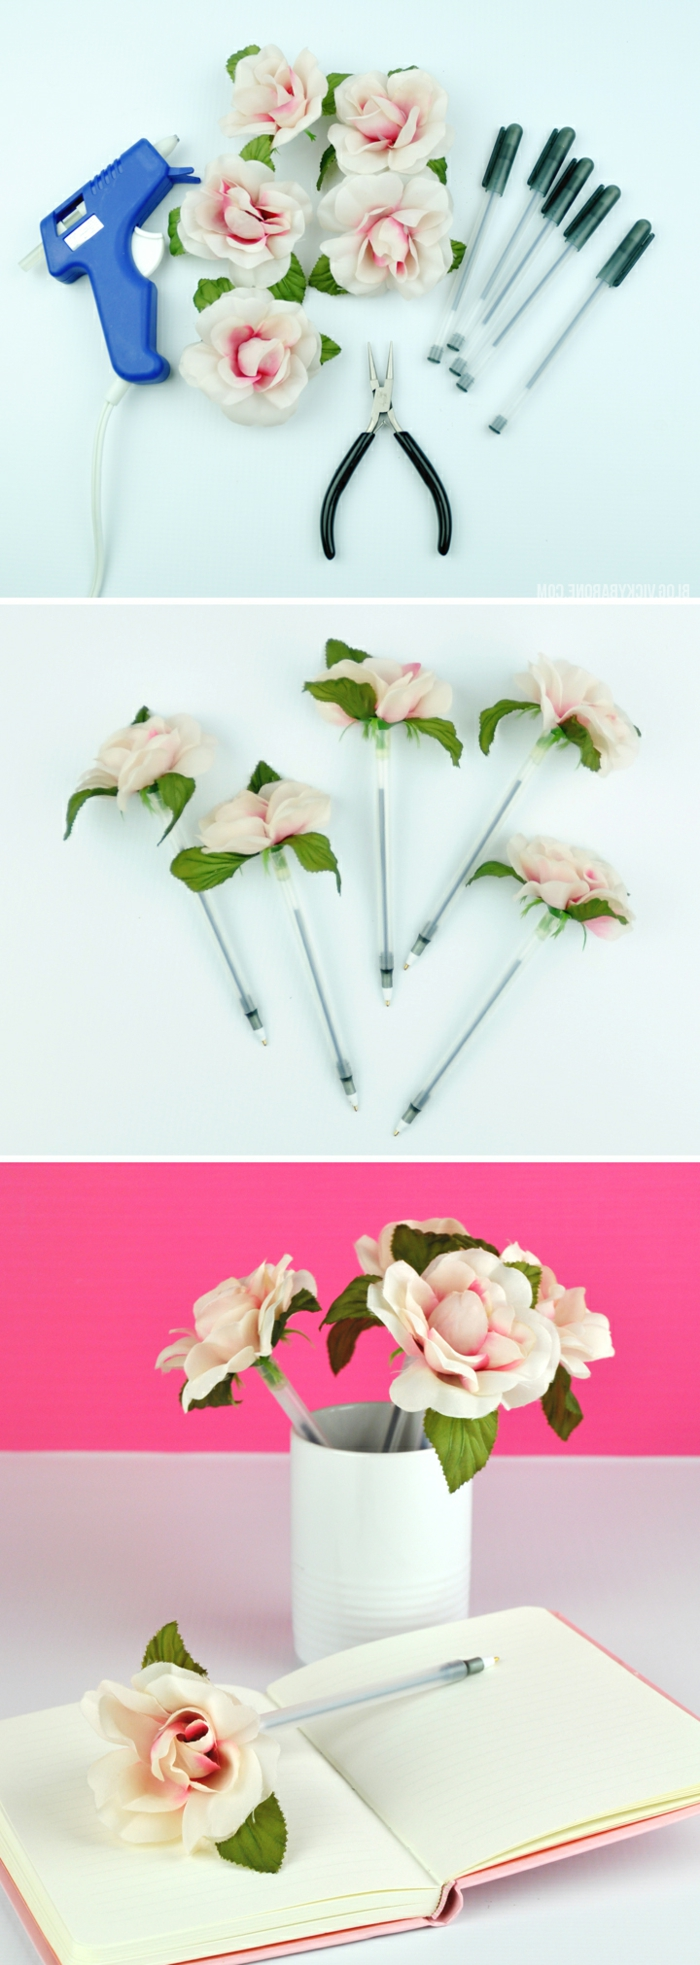 como hacer regalos para profesoras paso a paso, detalles hechos a mano con bolígrafos y flores aritficiales, regalos DIY